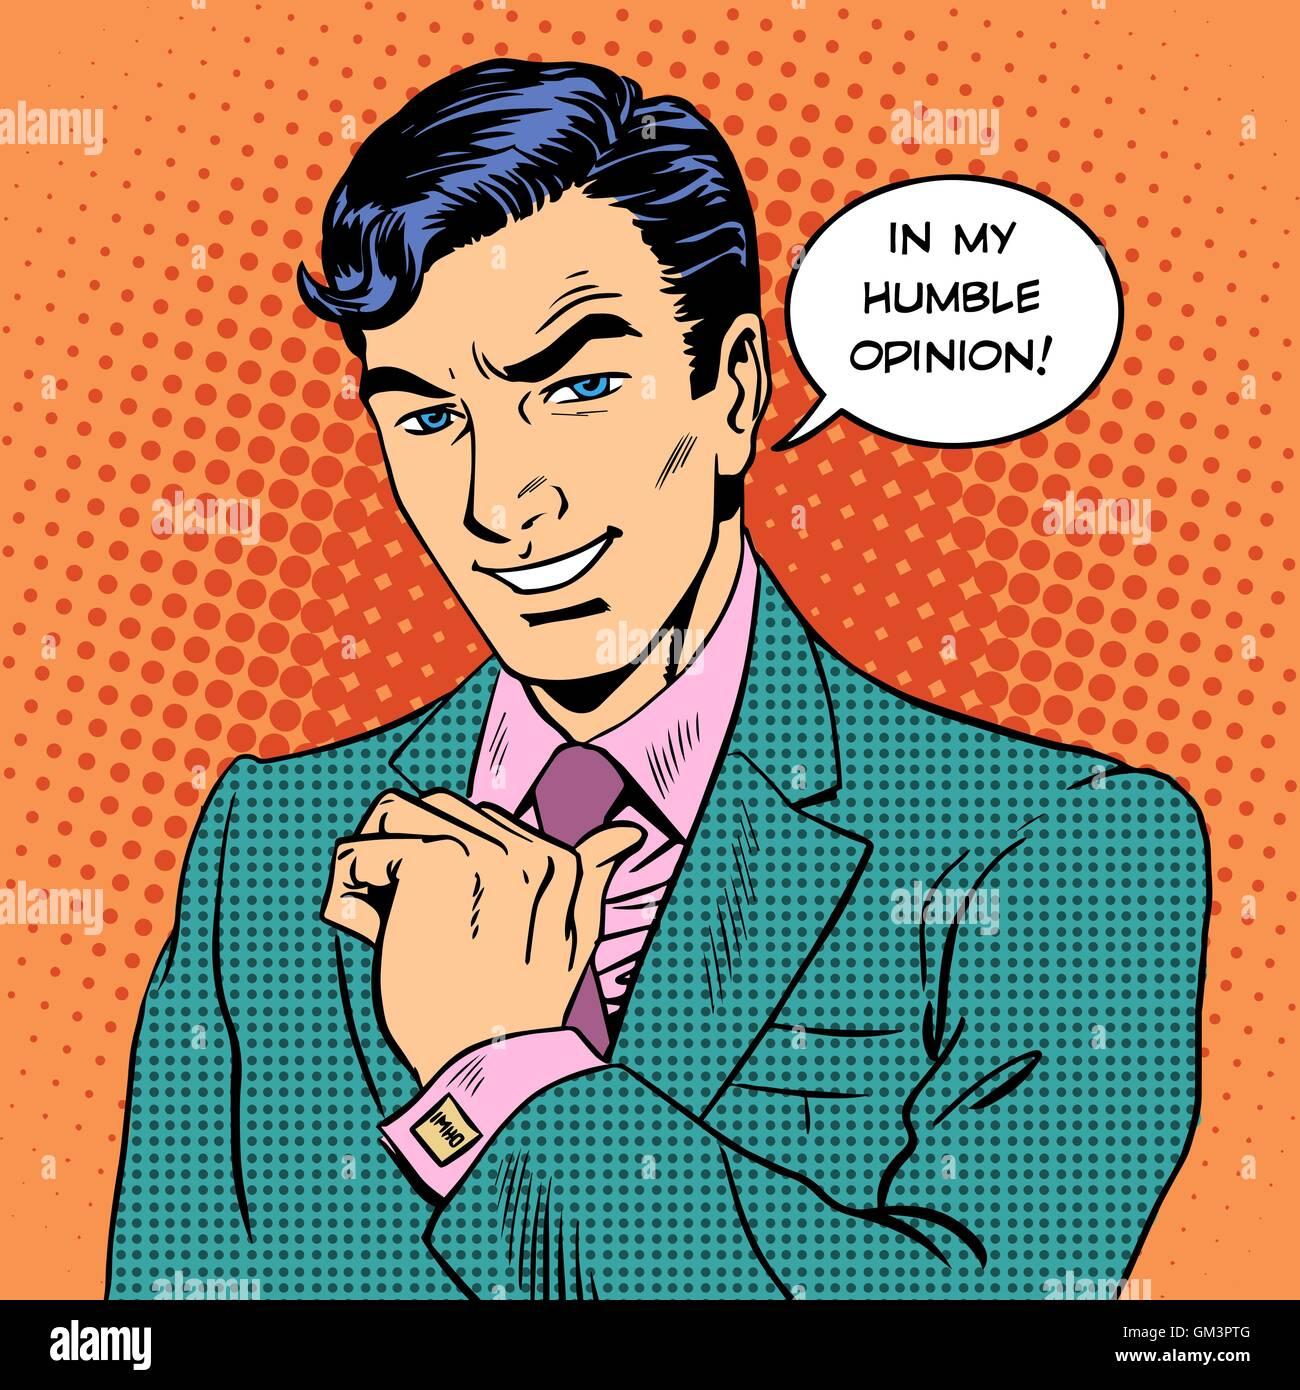 Empresario humilde opinión guapo Imagen De Stock